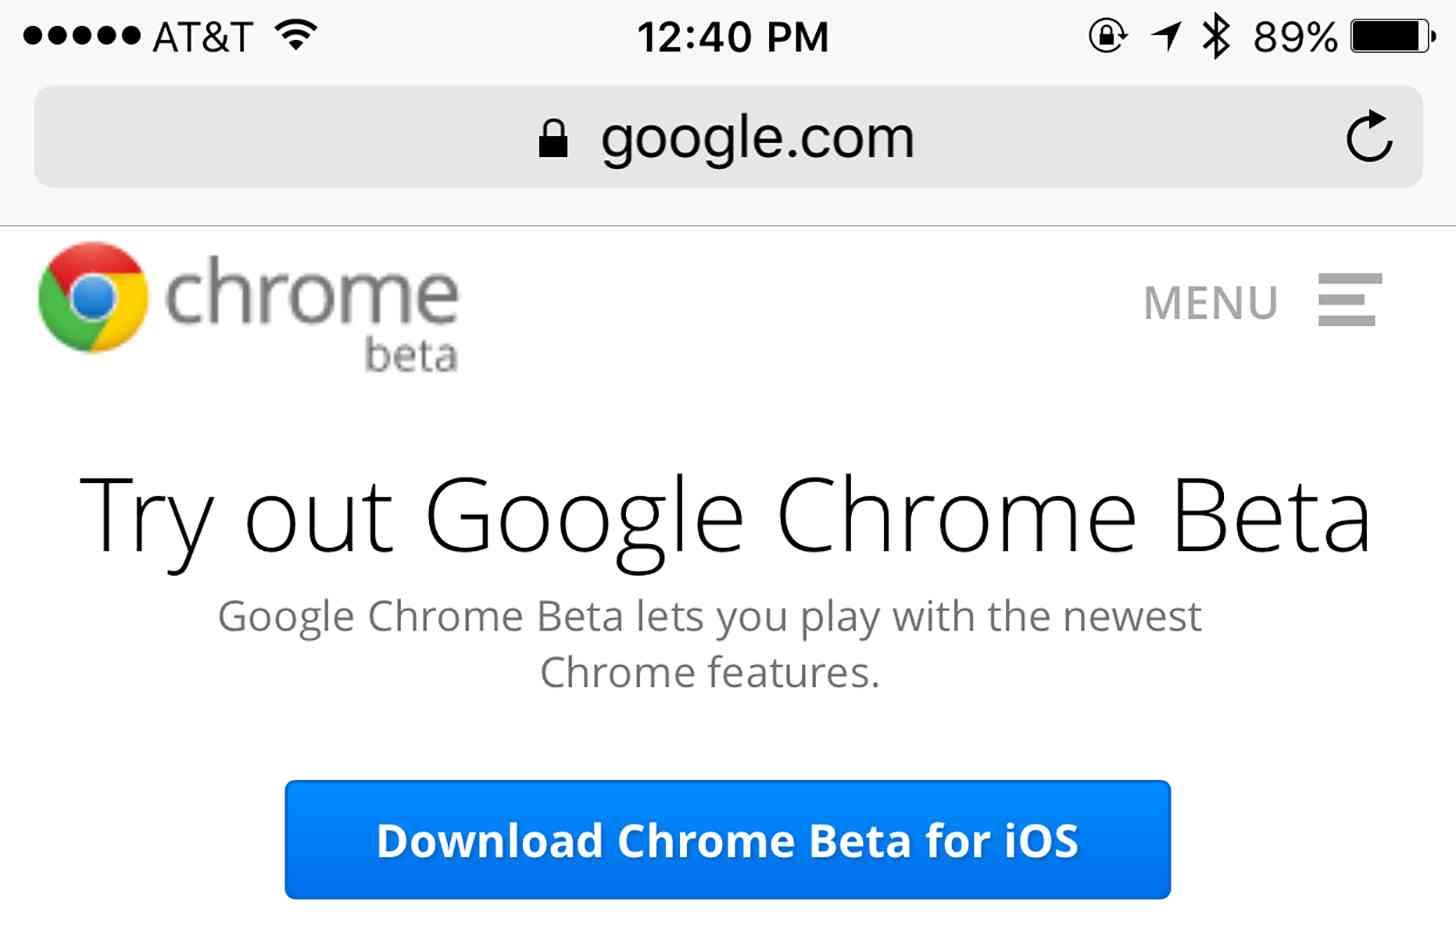 Google releases Chrome beta app for iOS | PhoneDog